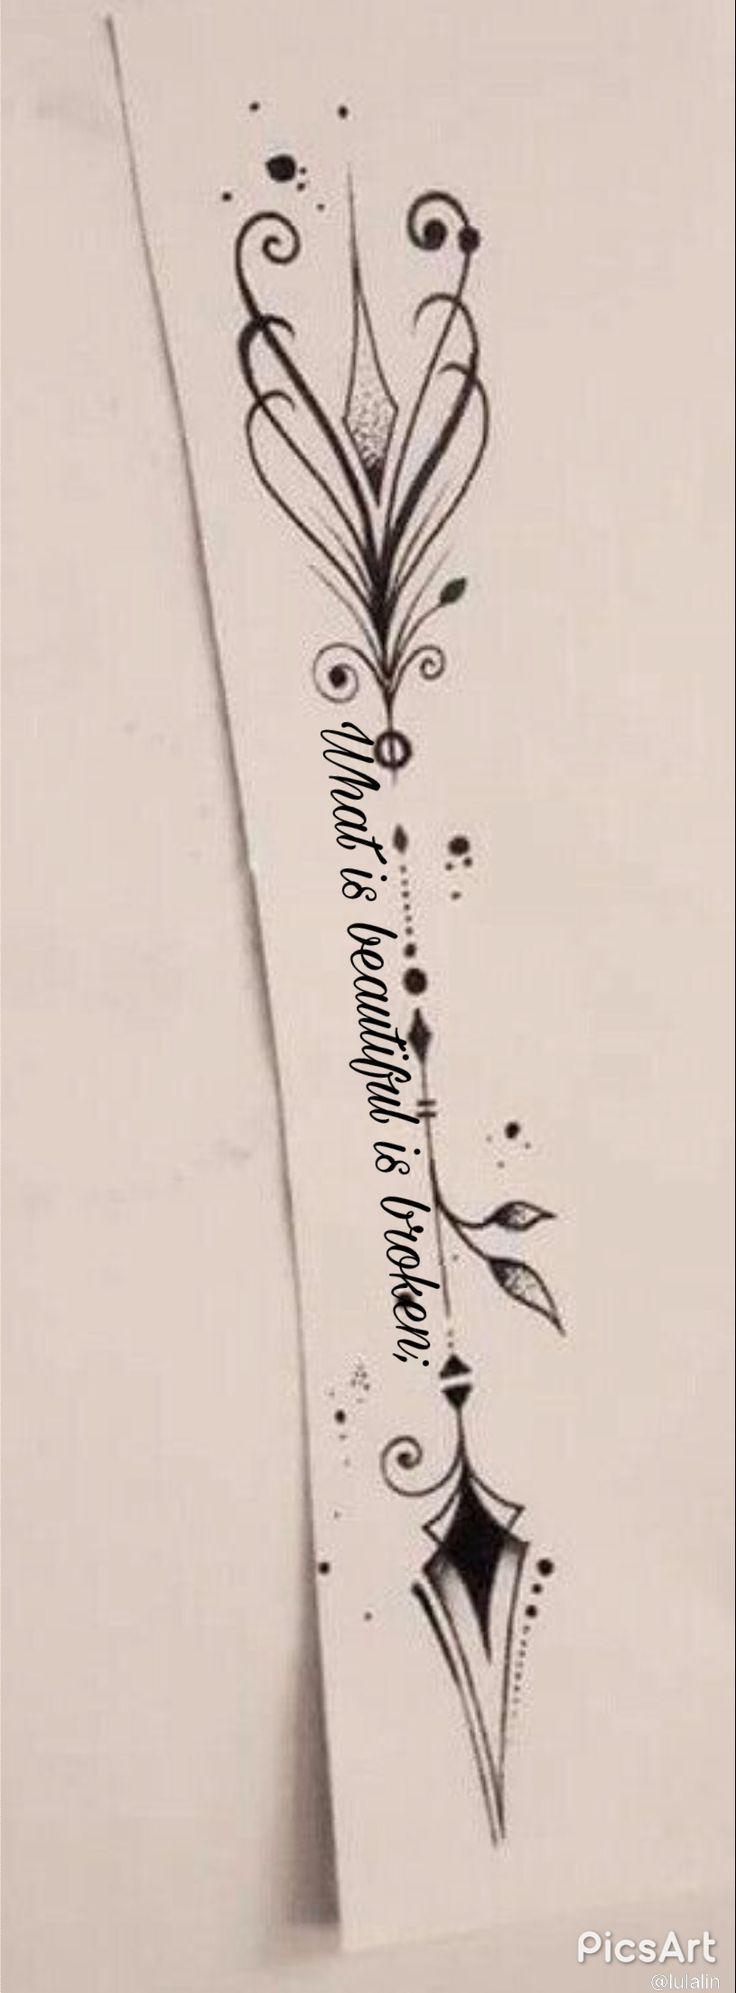 Tattoo-Idee für den Unterarm – #tattoofrauenunterarm